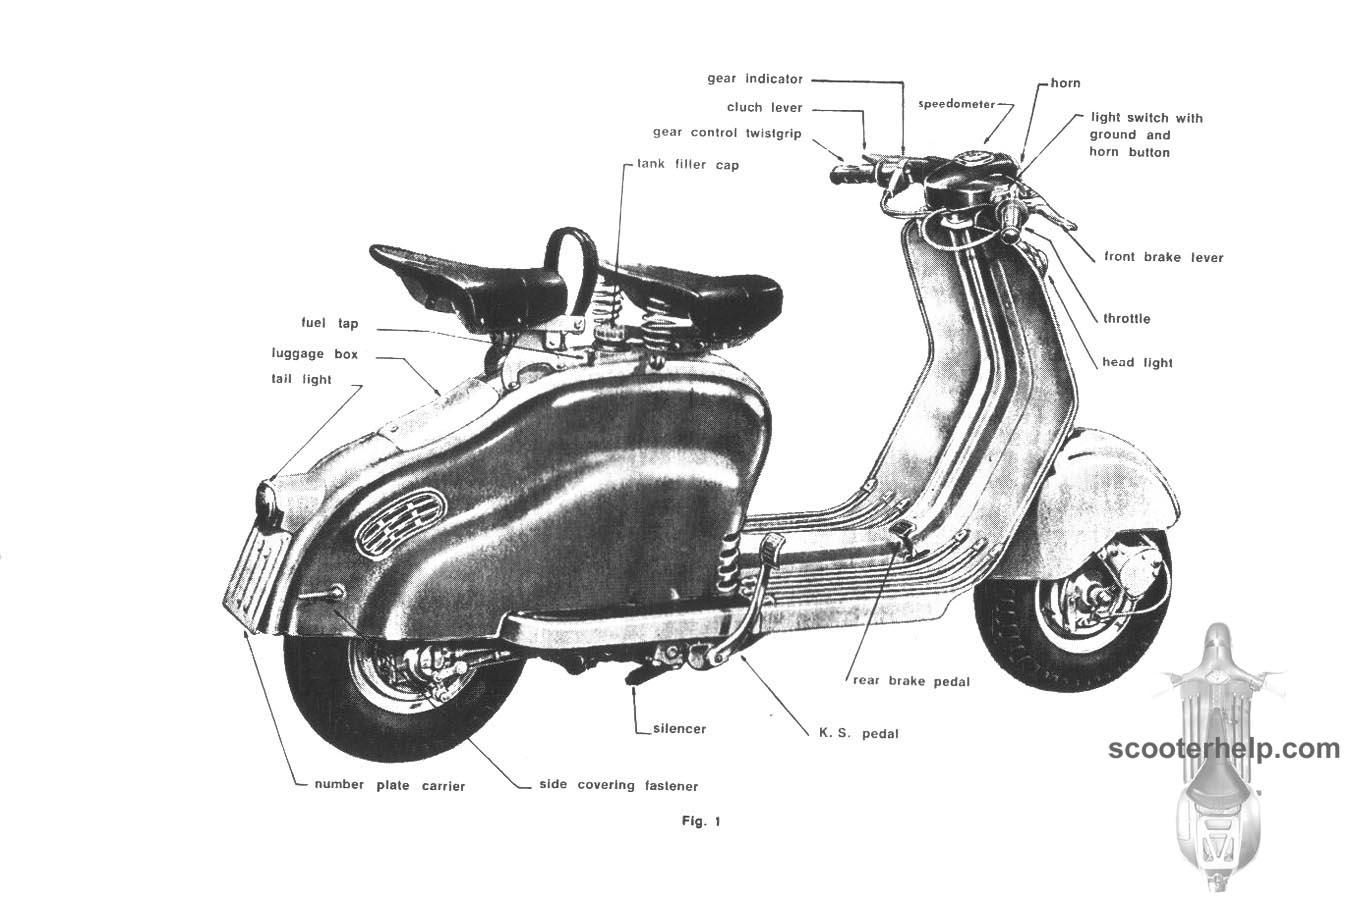 150 Ld Factory Repair Manual Lambretta Parts Wiring Diagram